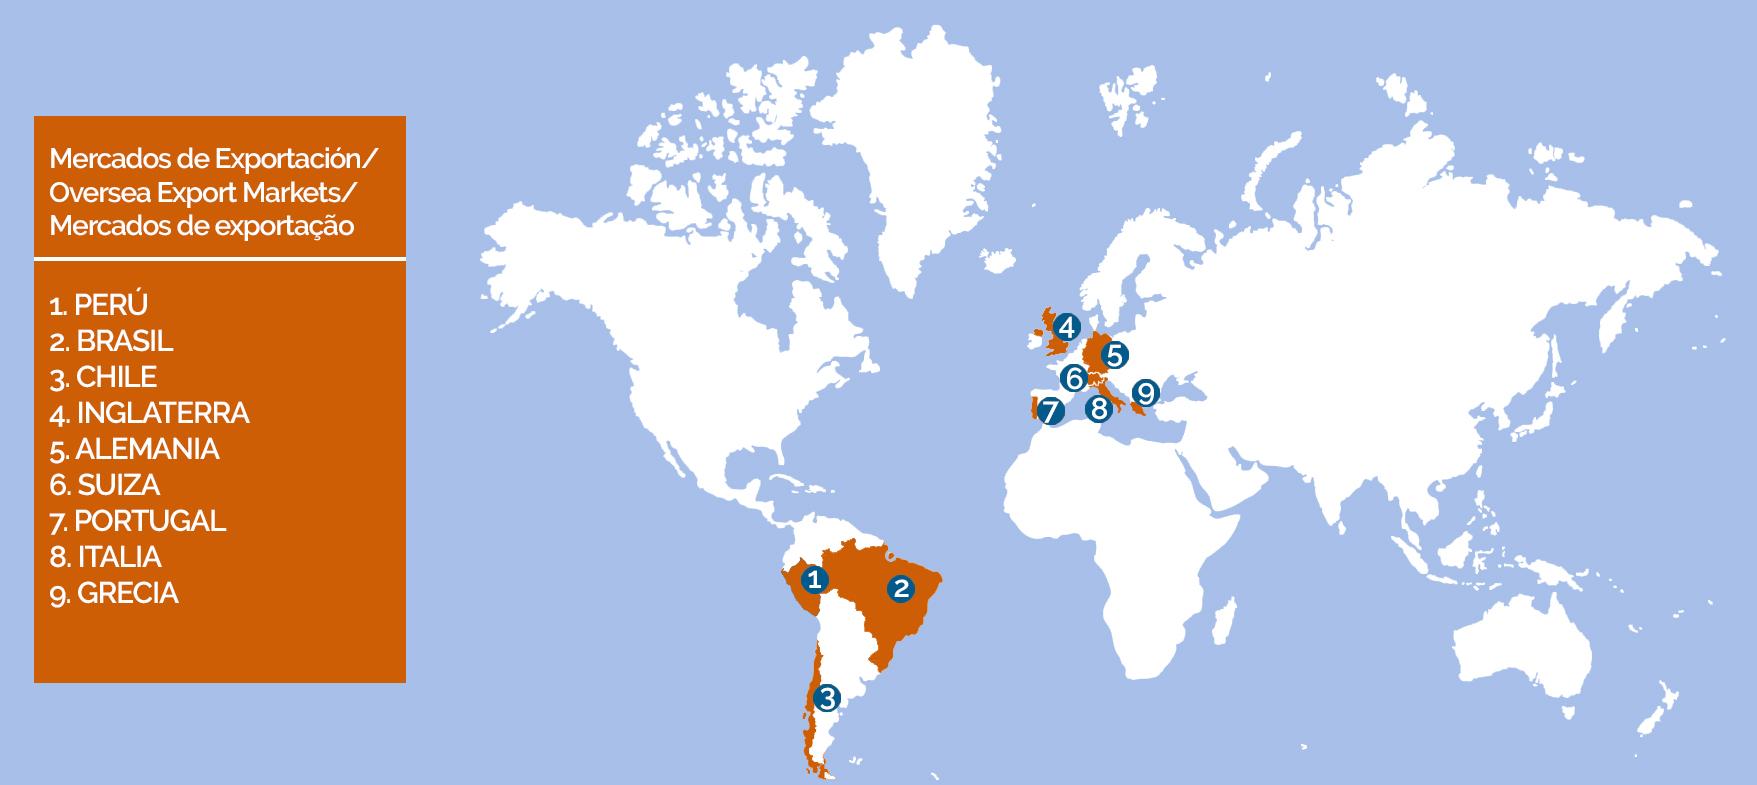 mapa_EXPORTACIONES_oversea